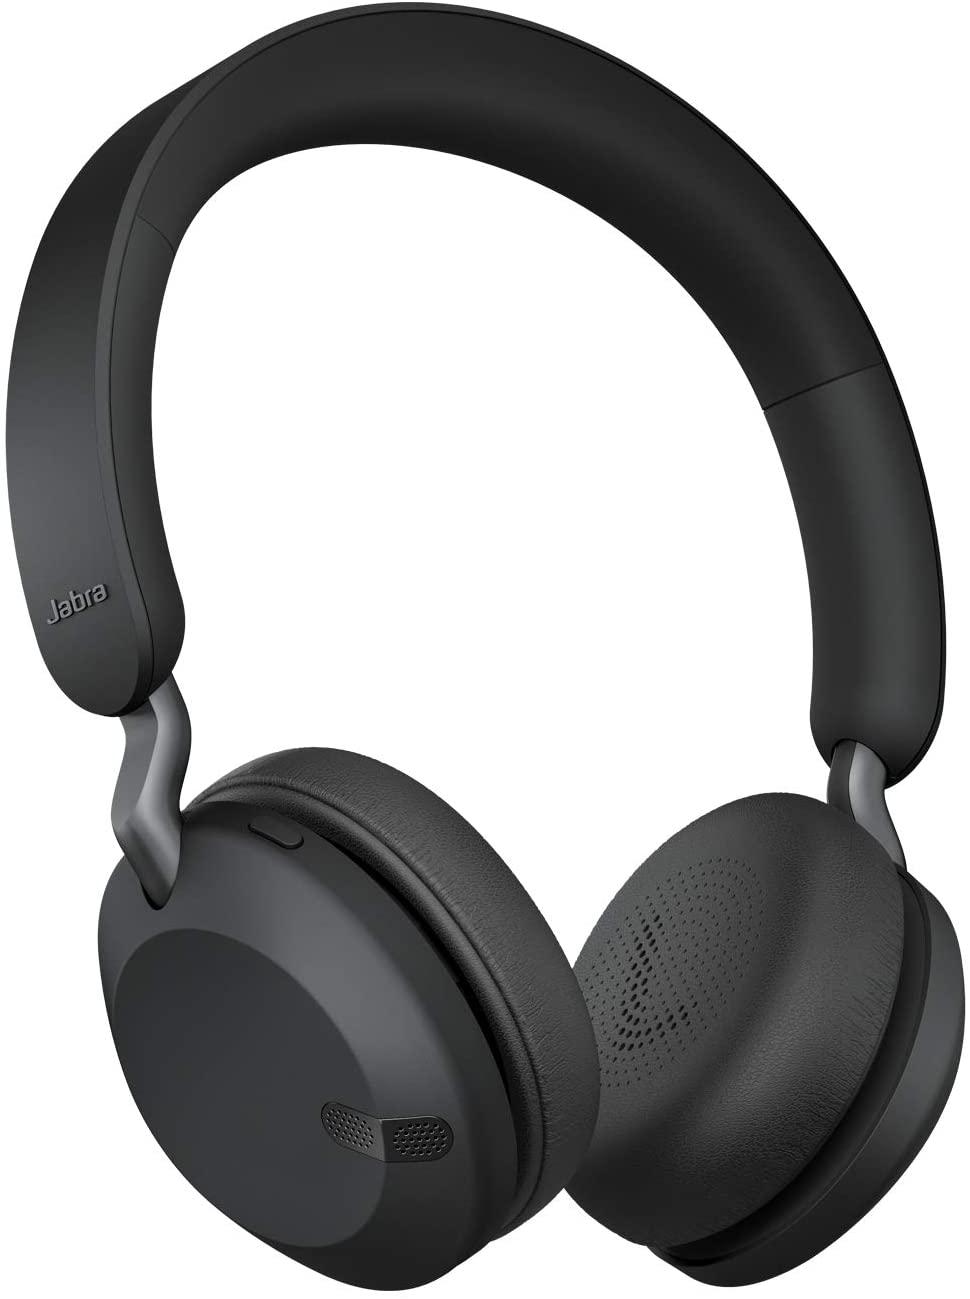 Jabra Elite 45H - Recensione Delle Cuffie Wireless Dall'Autonomia Esagerata 6 - Hynerd.it